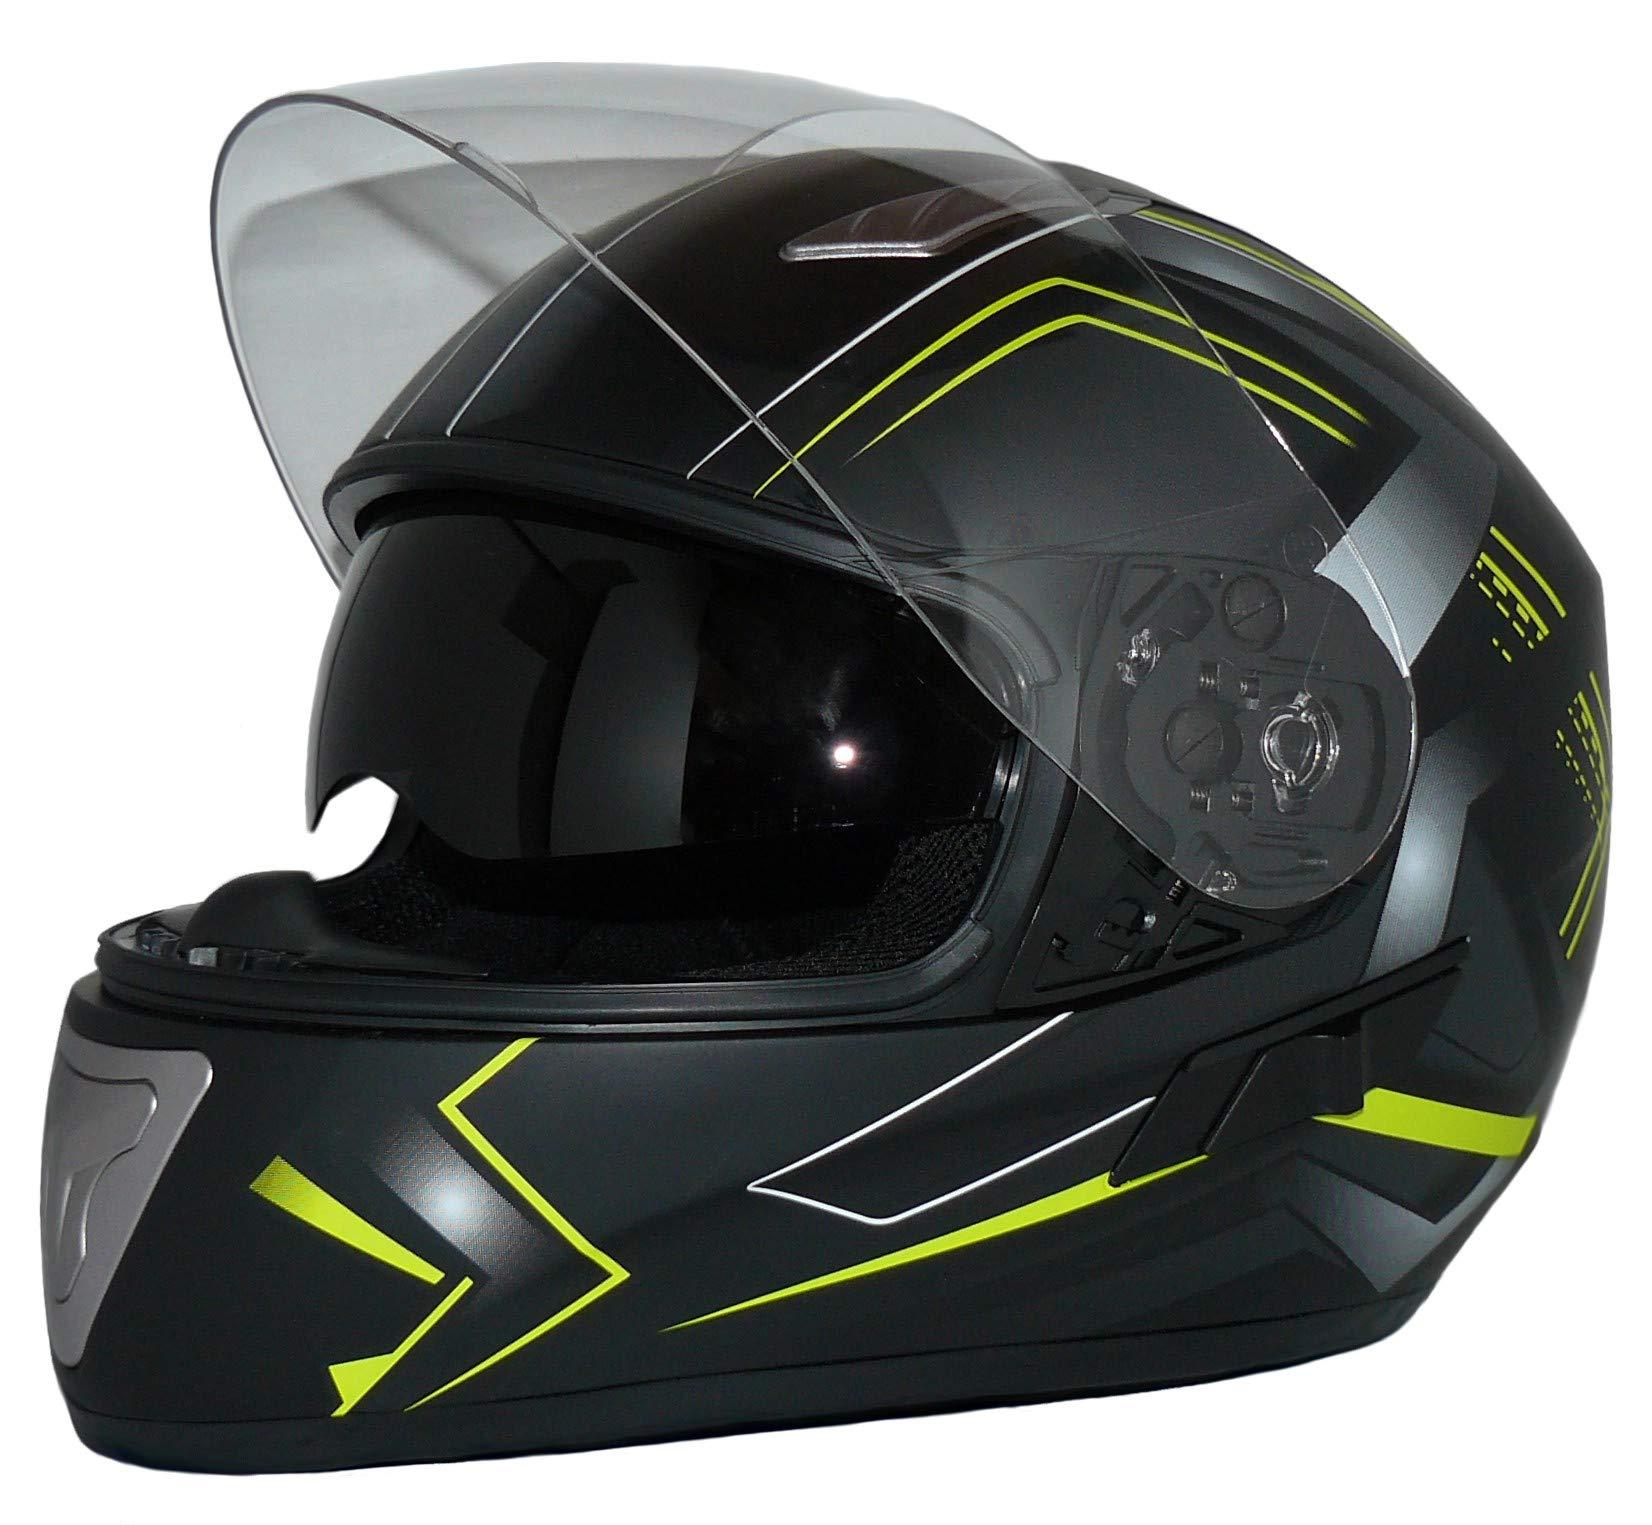 Protectwear Casco integral con visera H520-Arrow-GB - XL, Black, Talla XL: Amazon.es: Coche y moto